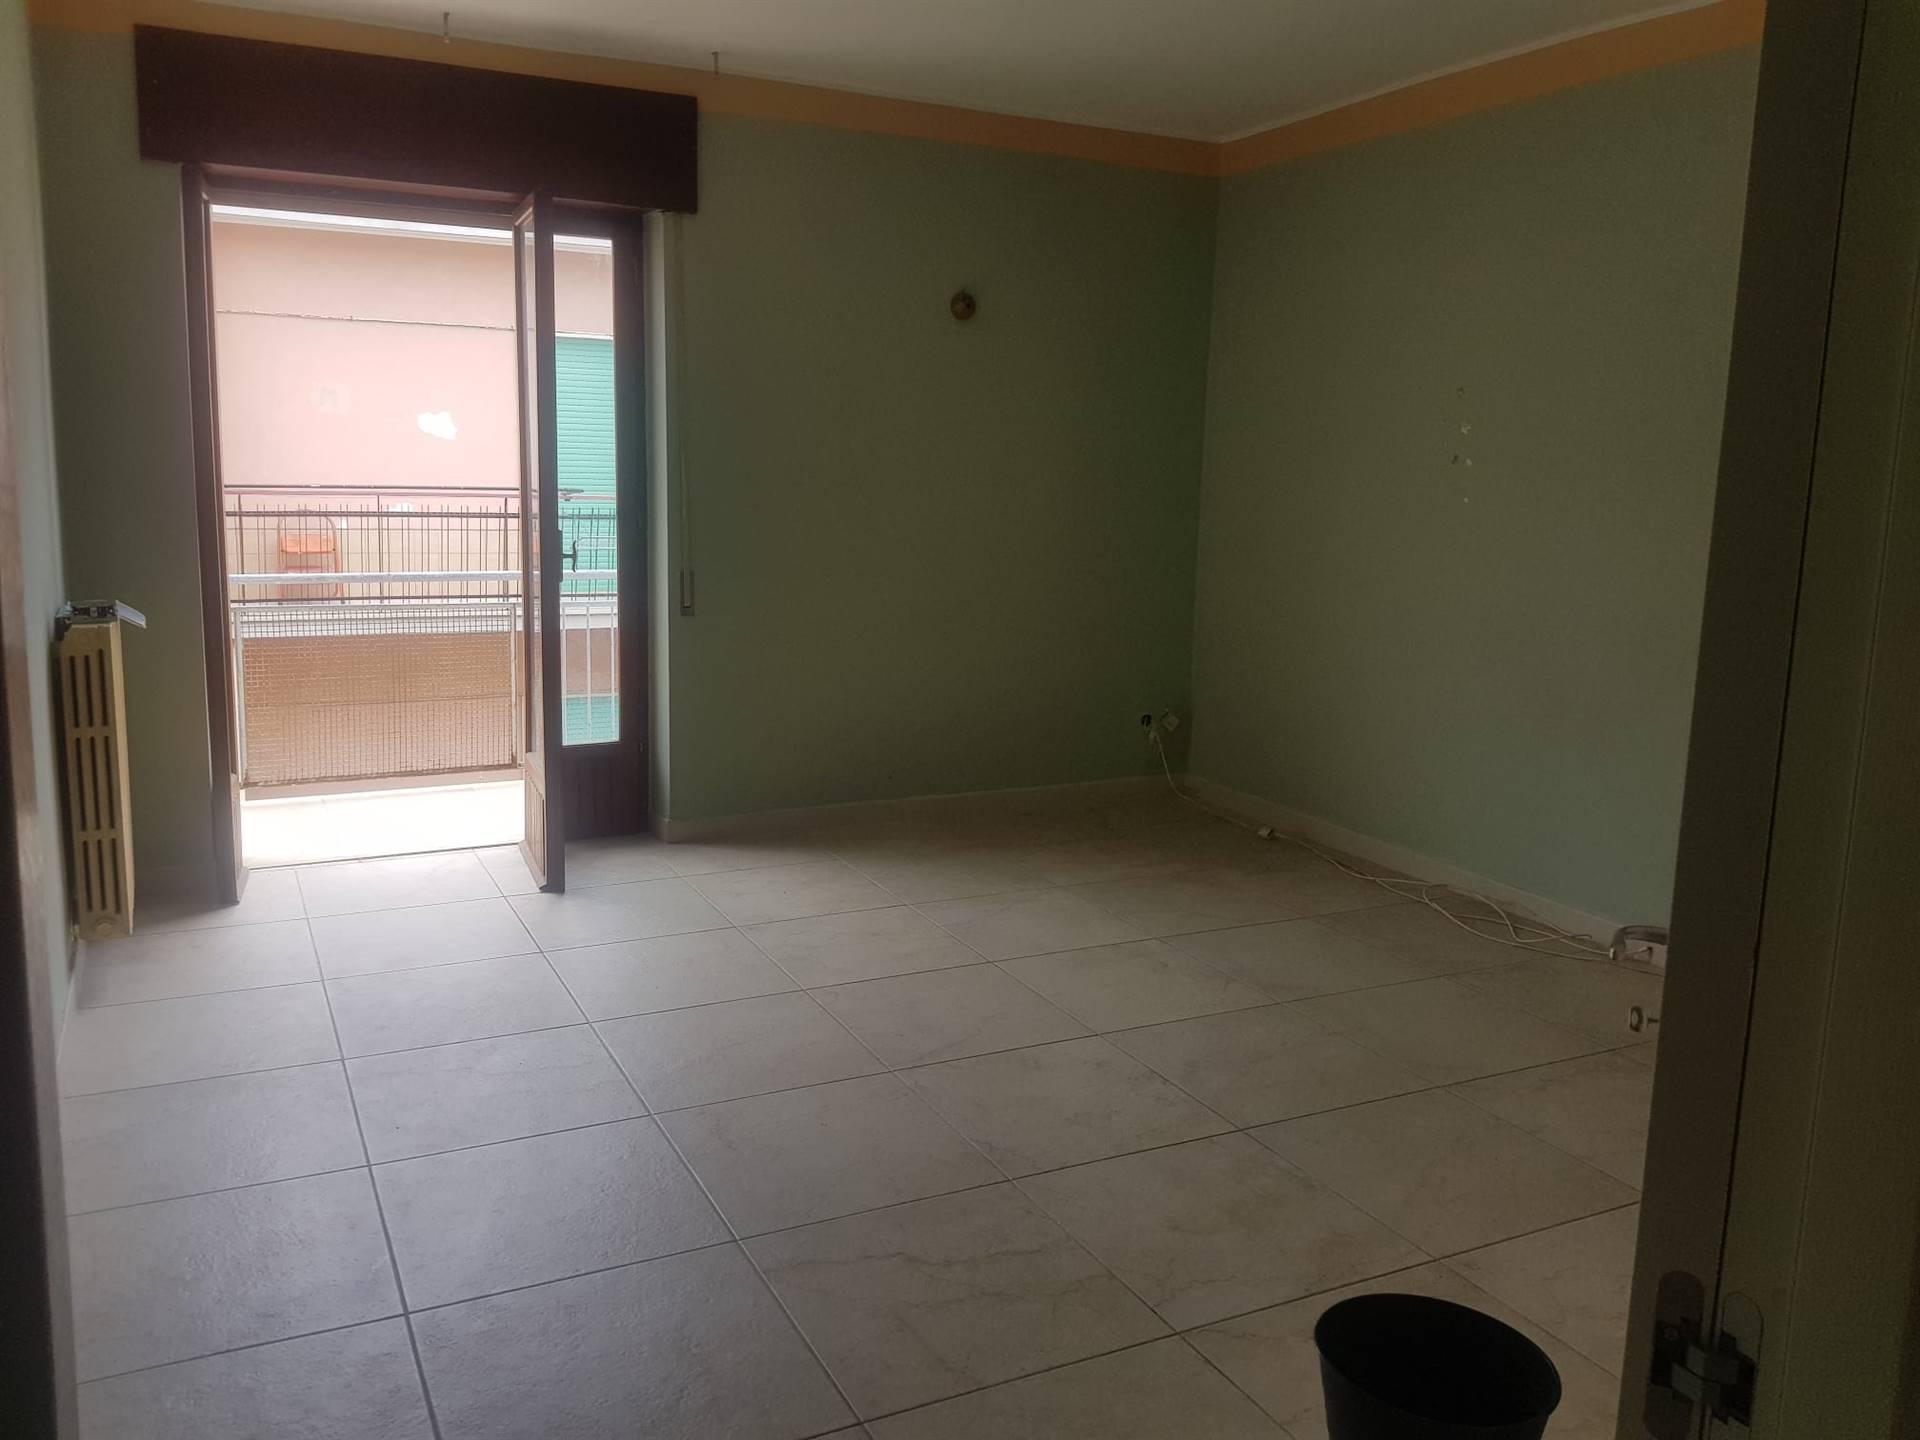 Appartamento in vendita a Barletta, 3 locali, zona Località: BARBERINI, prezzo € 100.000 | CambioCasa.it